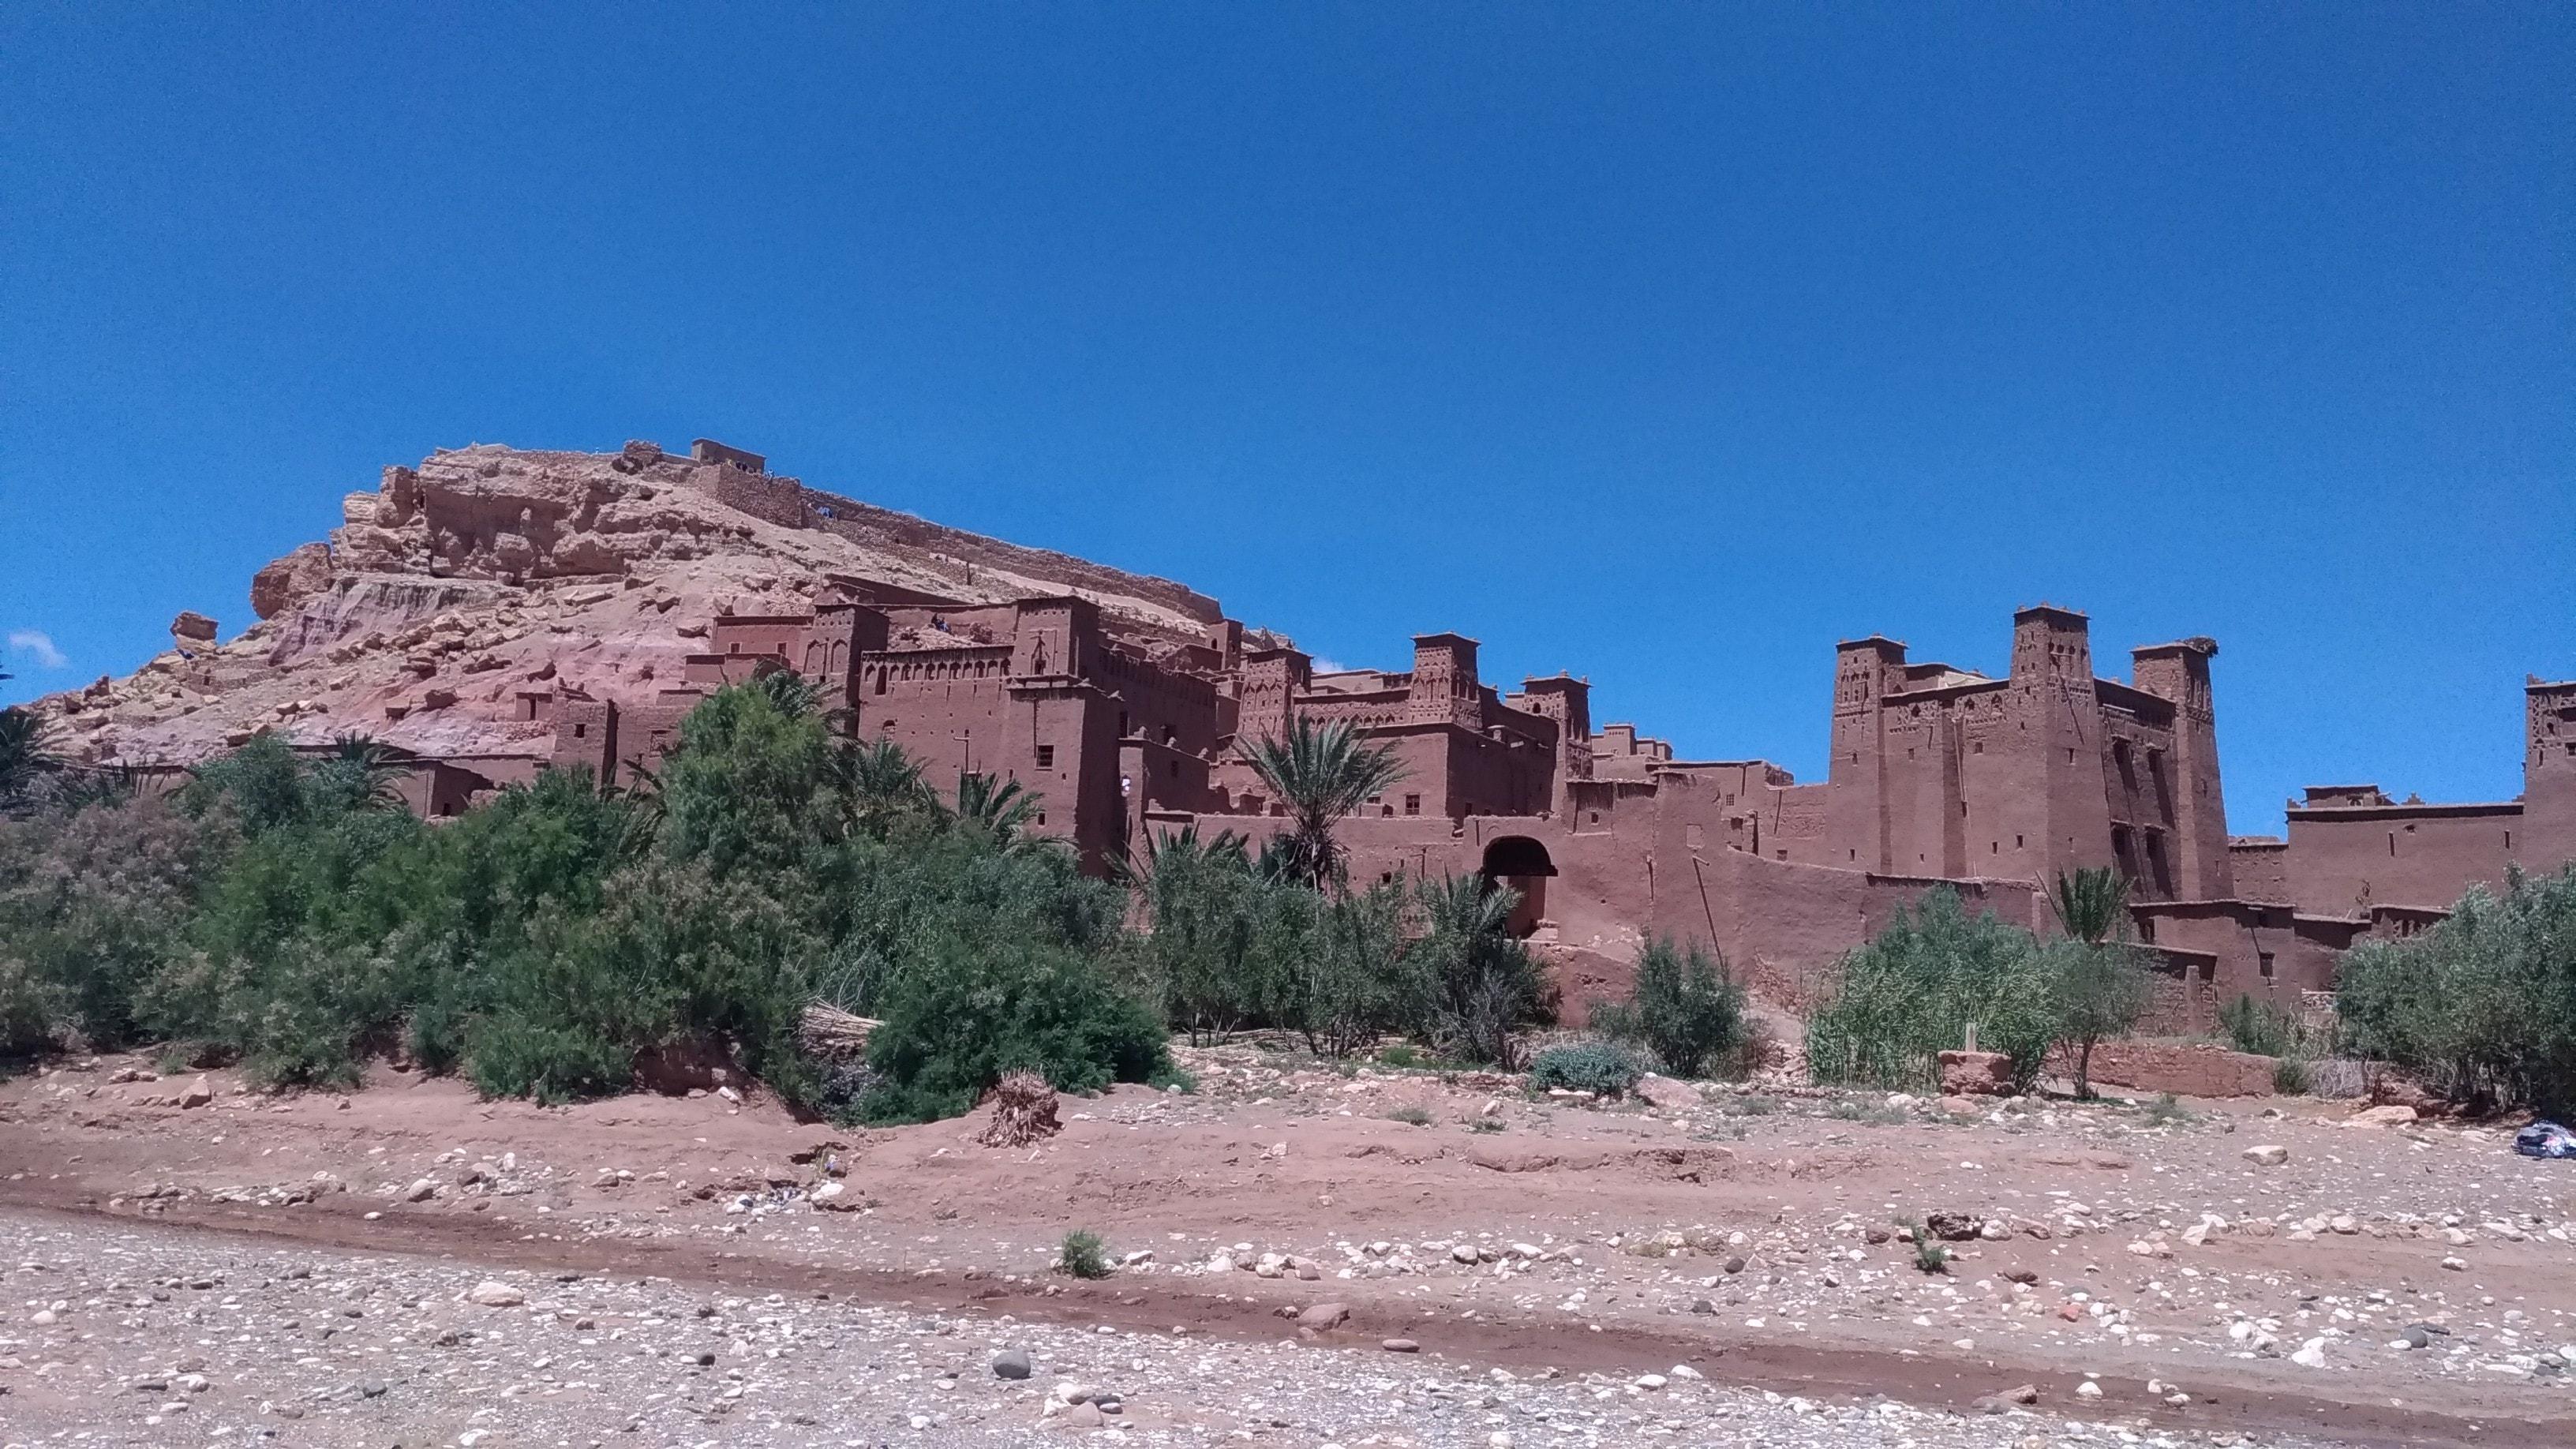 La ksar di Ait Benhaddou in Marocco